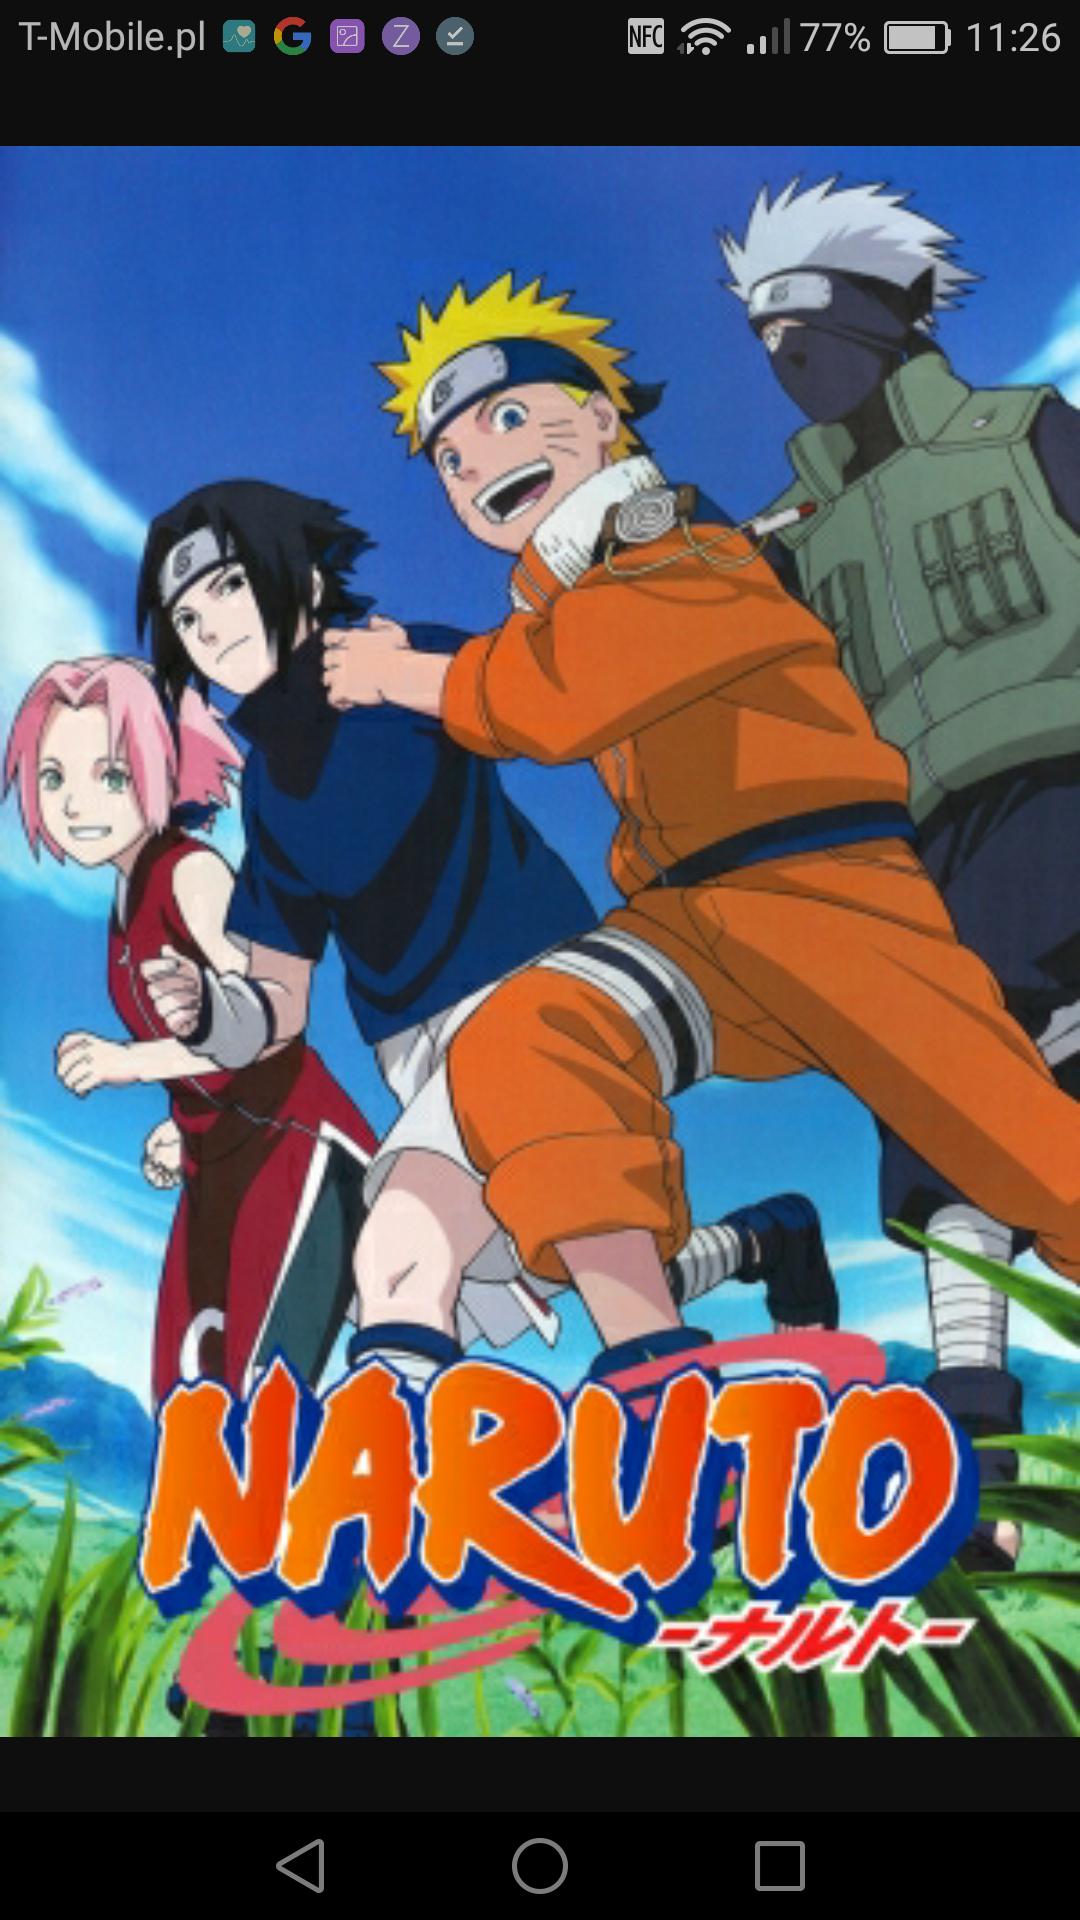 Naruto i Naruto shippuden